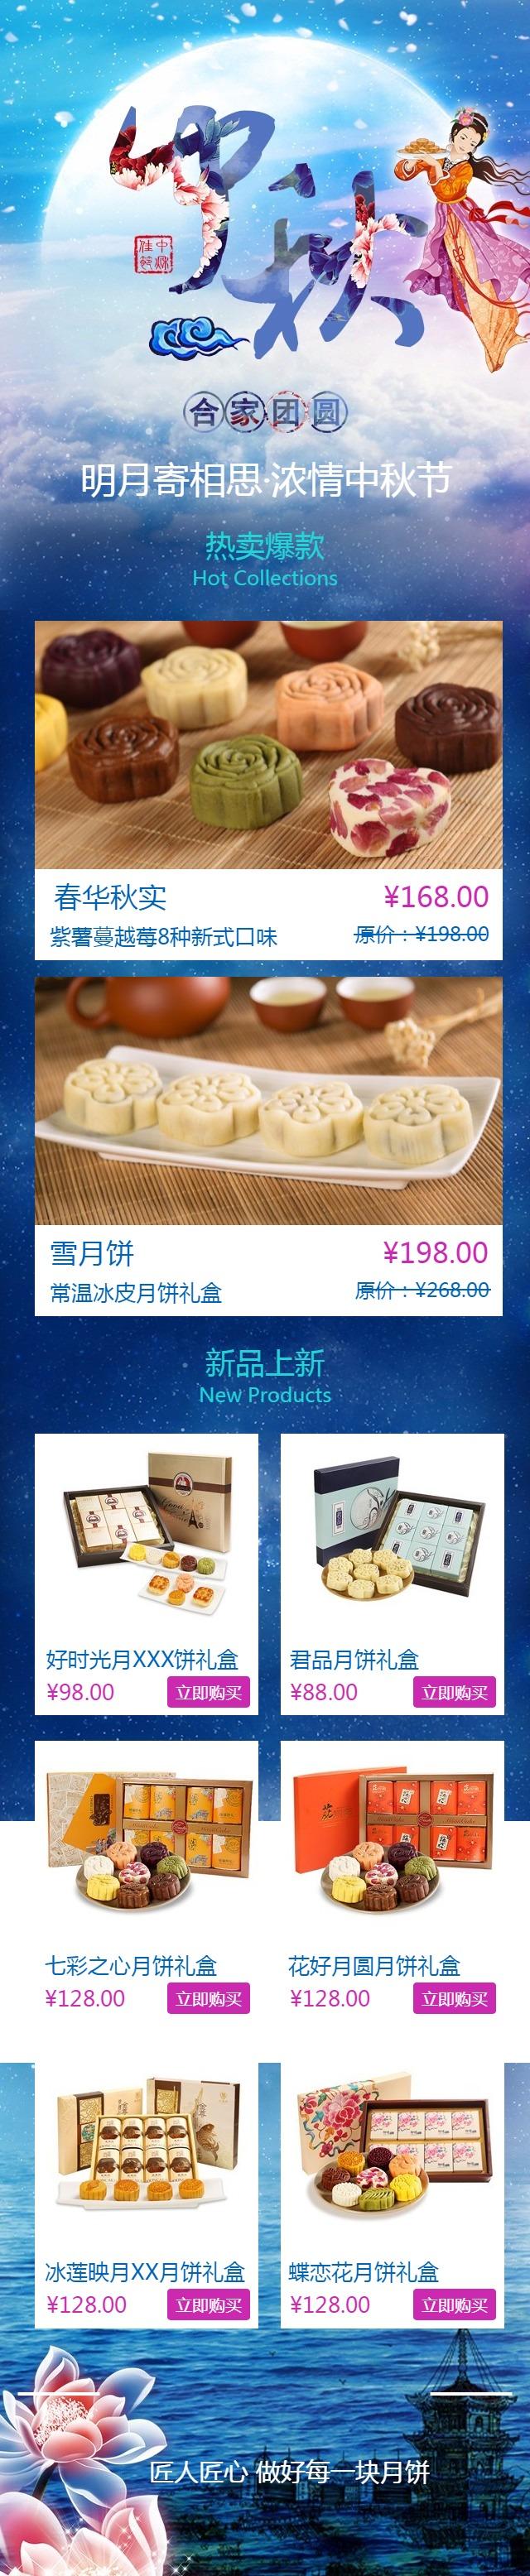 八月十五中秋月饼促销宣传产品推广单页